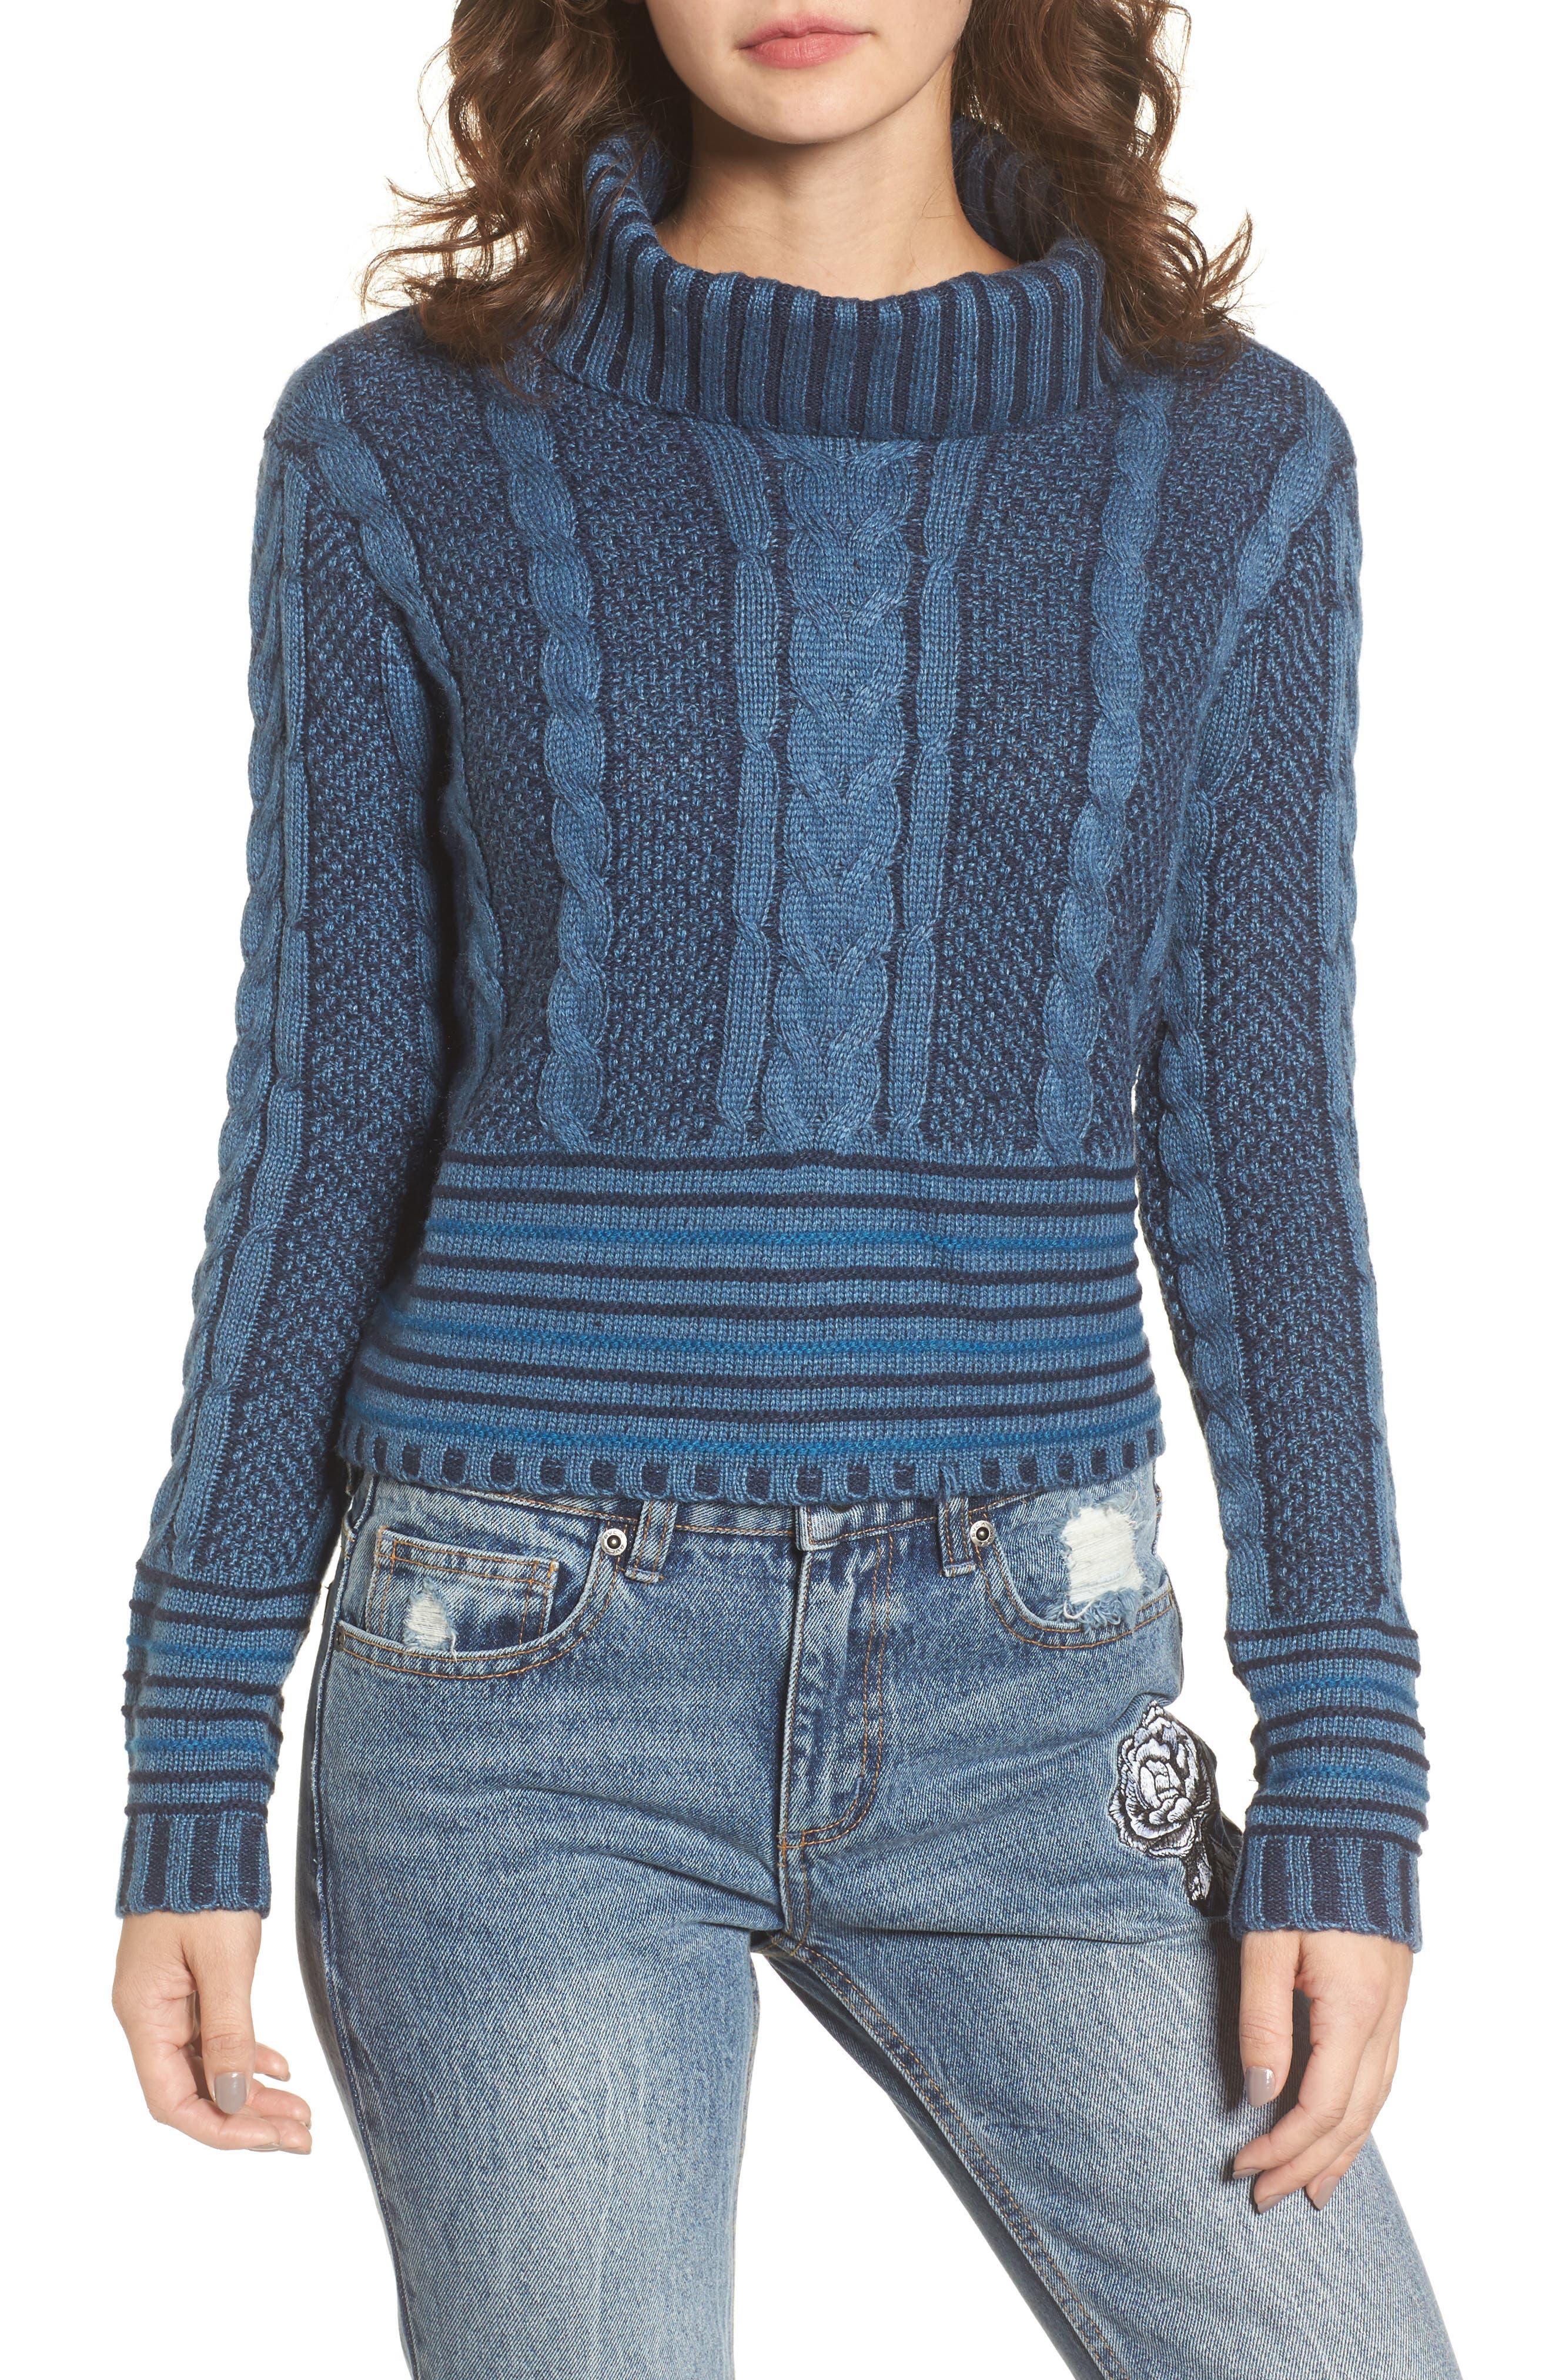 Main Image - RVCA Mix Up Knit Sweater